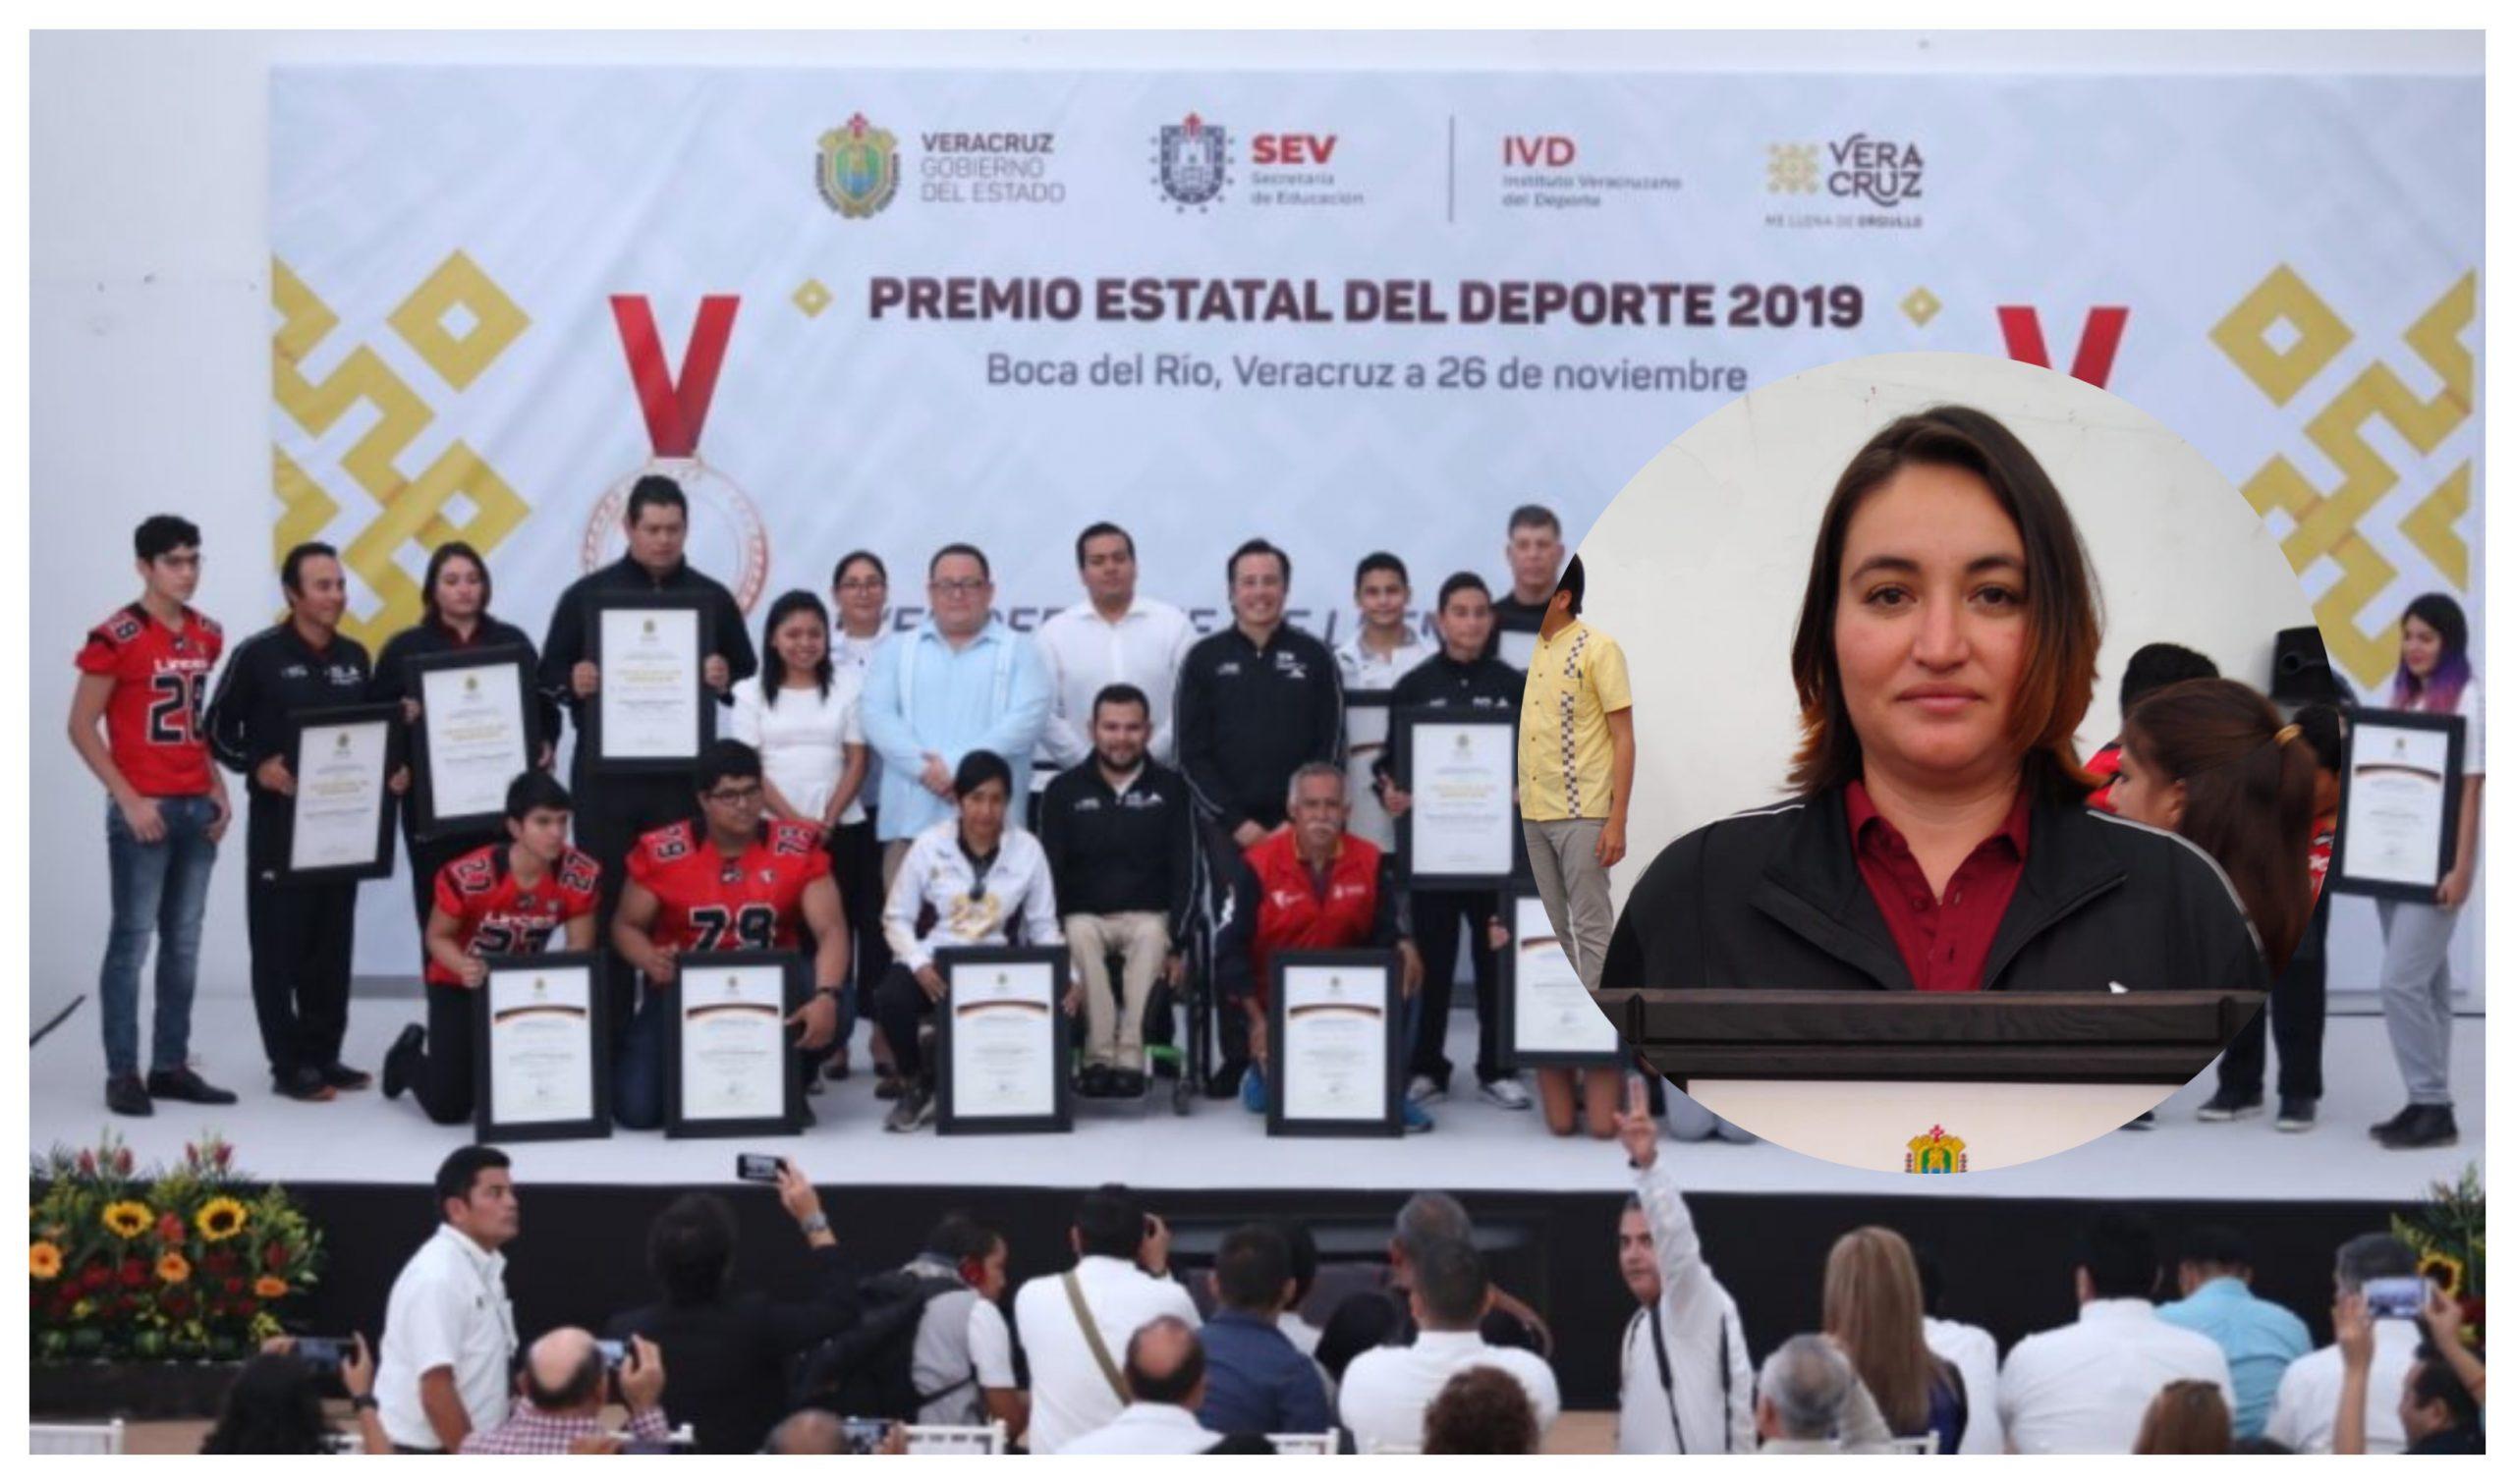 Fernanda Rodríguez se dice orgullosa por ganar Premio Estatal del Deporte